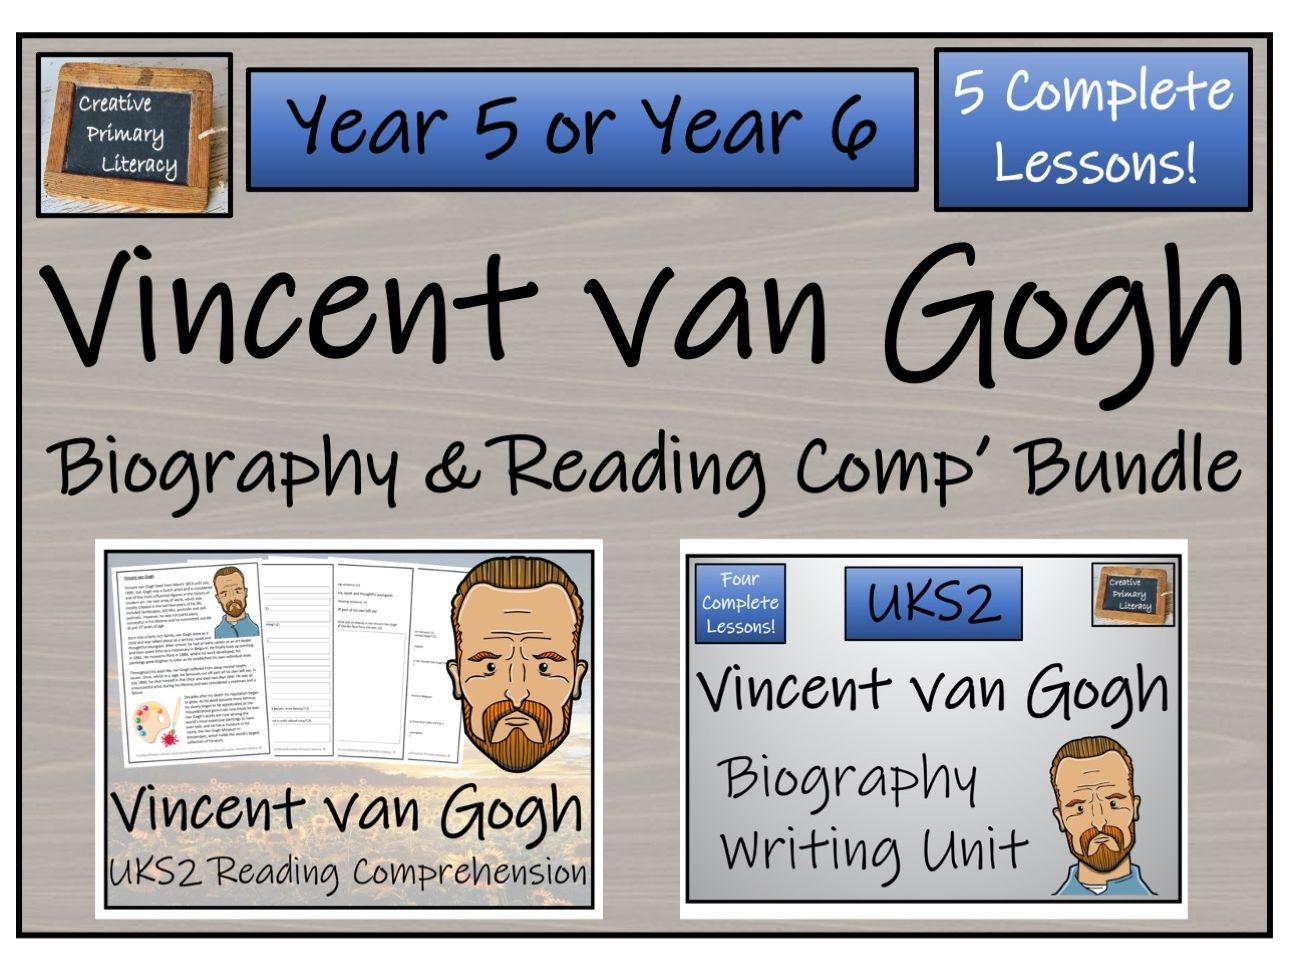 UKS2 Vincent van Gogh Reading Comprehension & Biography Bundle